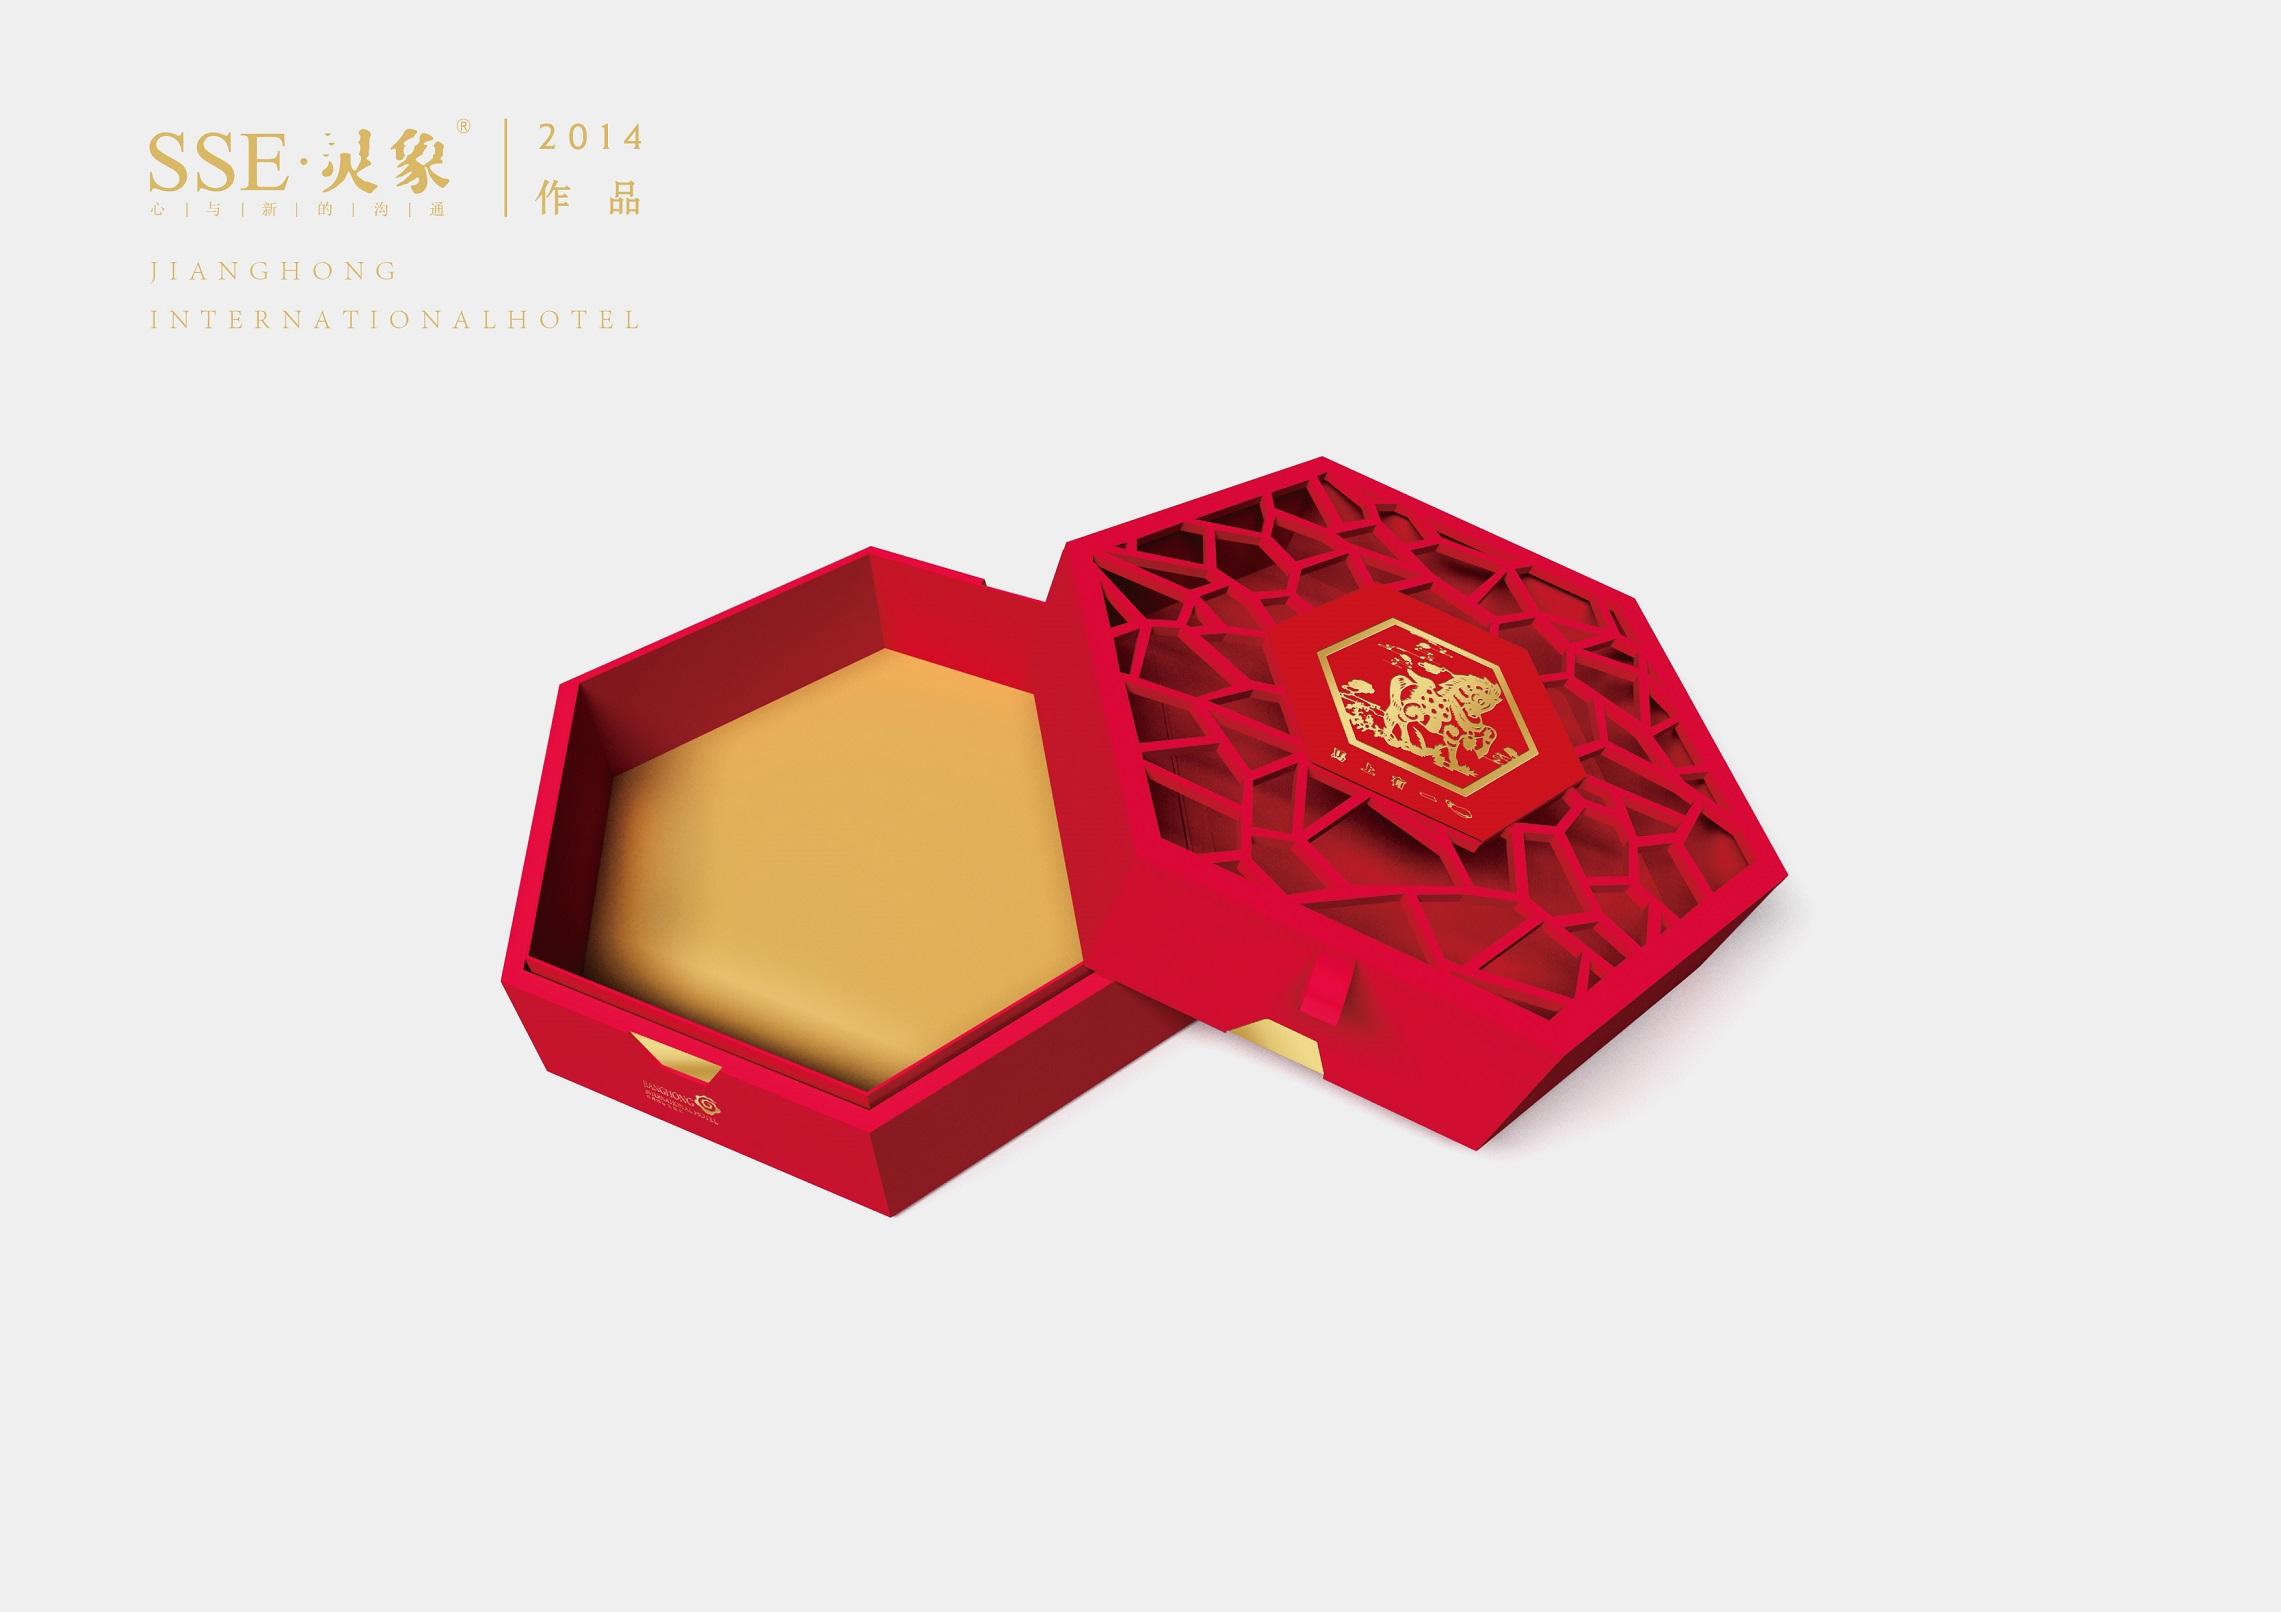 江鸿2014年粽子-粽子包装设计